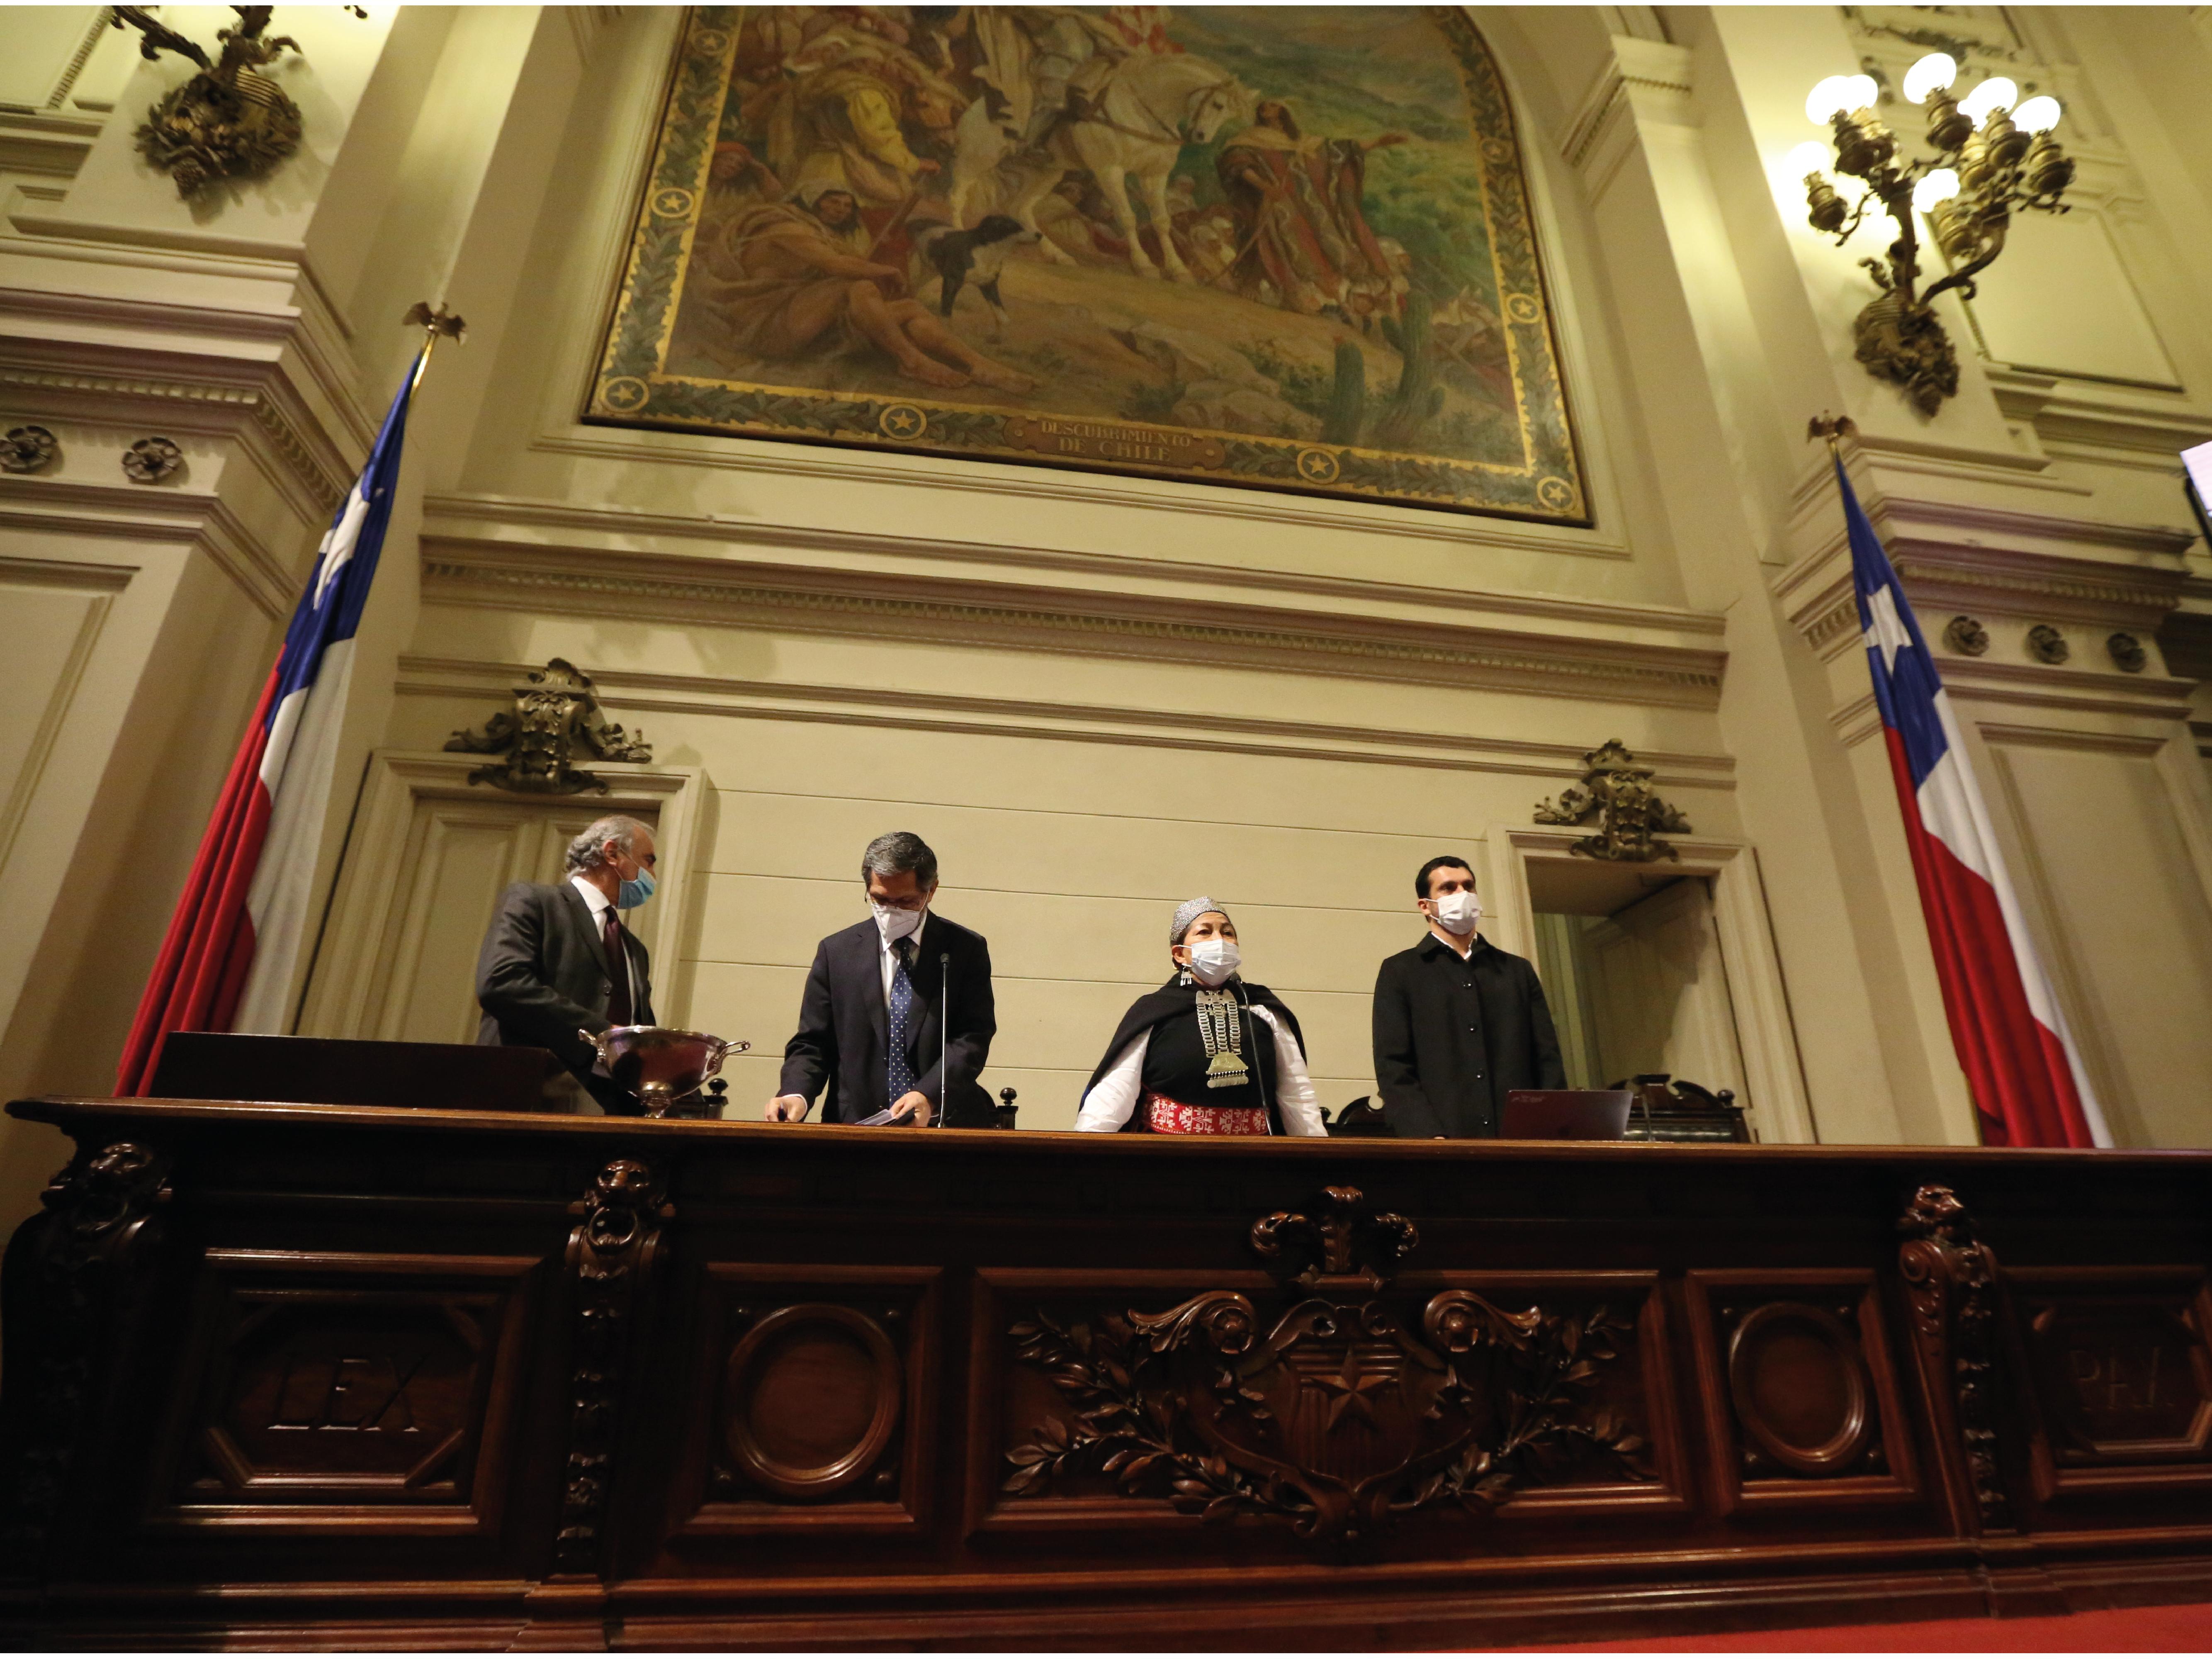 Elisa Loncon y Jaime Bassa dan inicio a la Primera Sesión de la Convención Constitucional